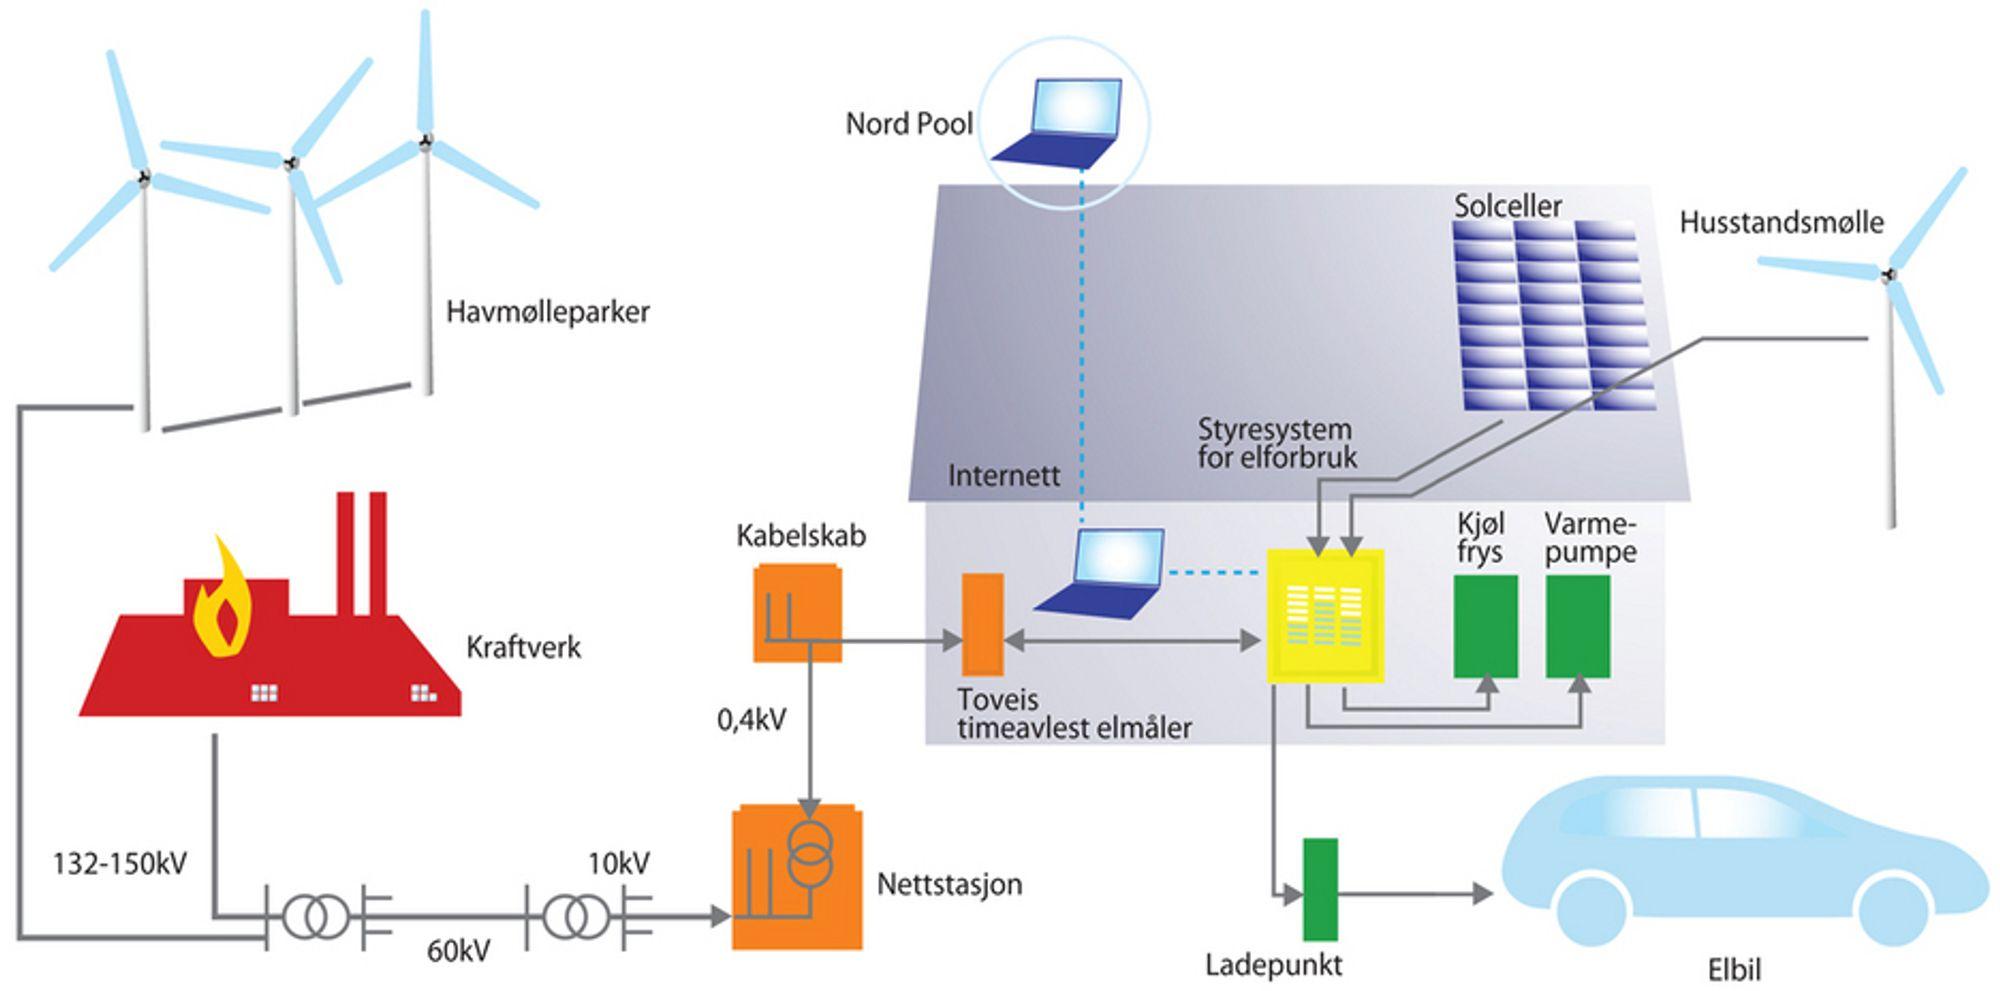 KONTROLL: Smartnett (smart grid) er et strømnettverk som bruker digital teknologi. Ved hjelp av internett kan den enkelte forbruker styre sitt eget forbruk og på denne måten spare energi, kostnader og samtidig få bedre oversikt og stabilitet. Den enkelte husstand vil på sikt også kunne koble til egenprodusert kraft til nettverket.